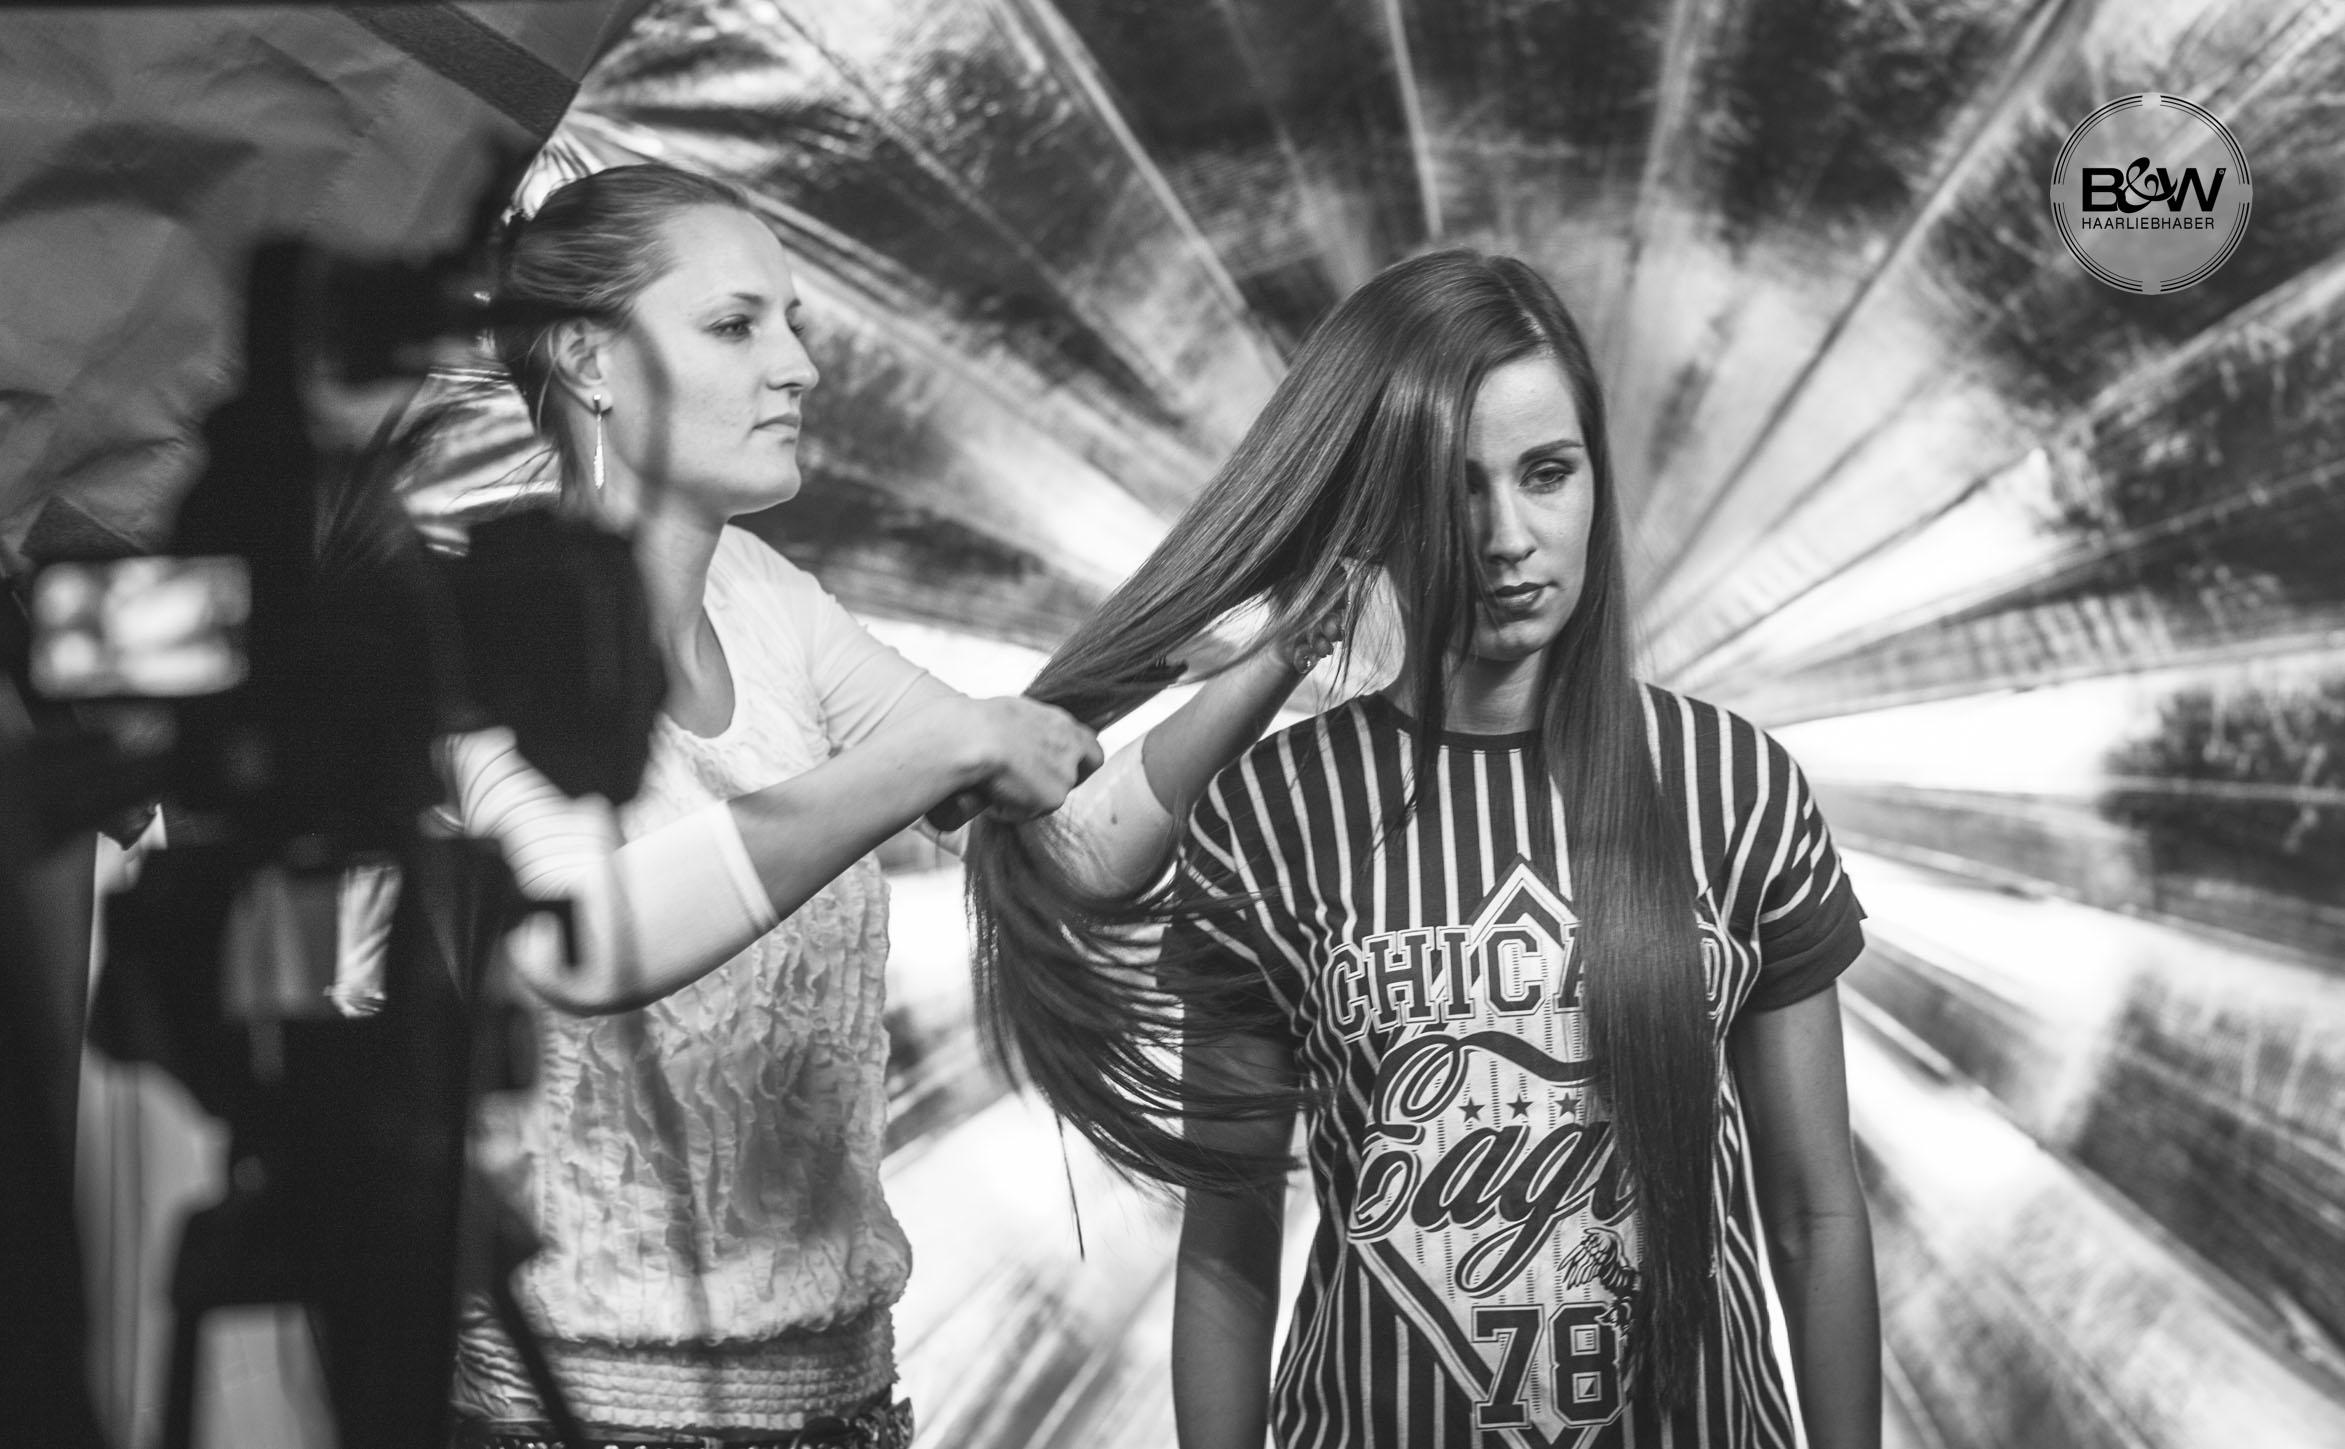 45_B&W-Friseure_Haarliebhaber_Friseur-Dortmund_Kosmetikprodukt_beste-Haarpflege_bester-Friseur_Malvins_at-malvins_Haar_styling_Deutschland_haarliebhaber